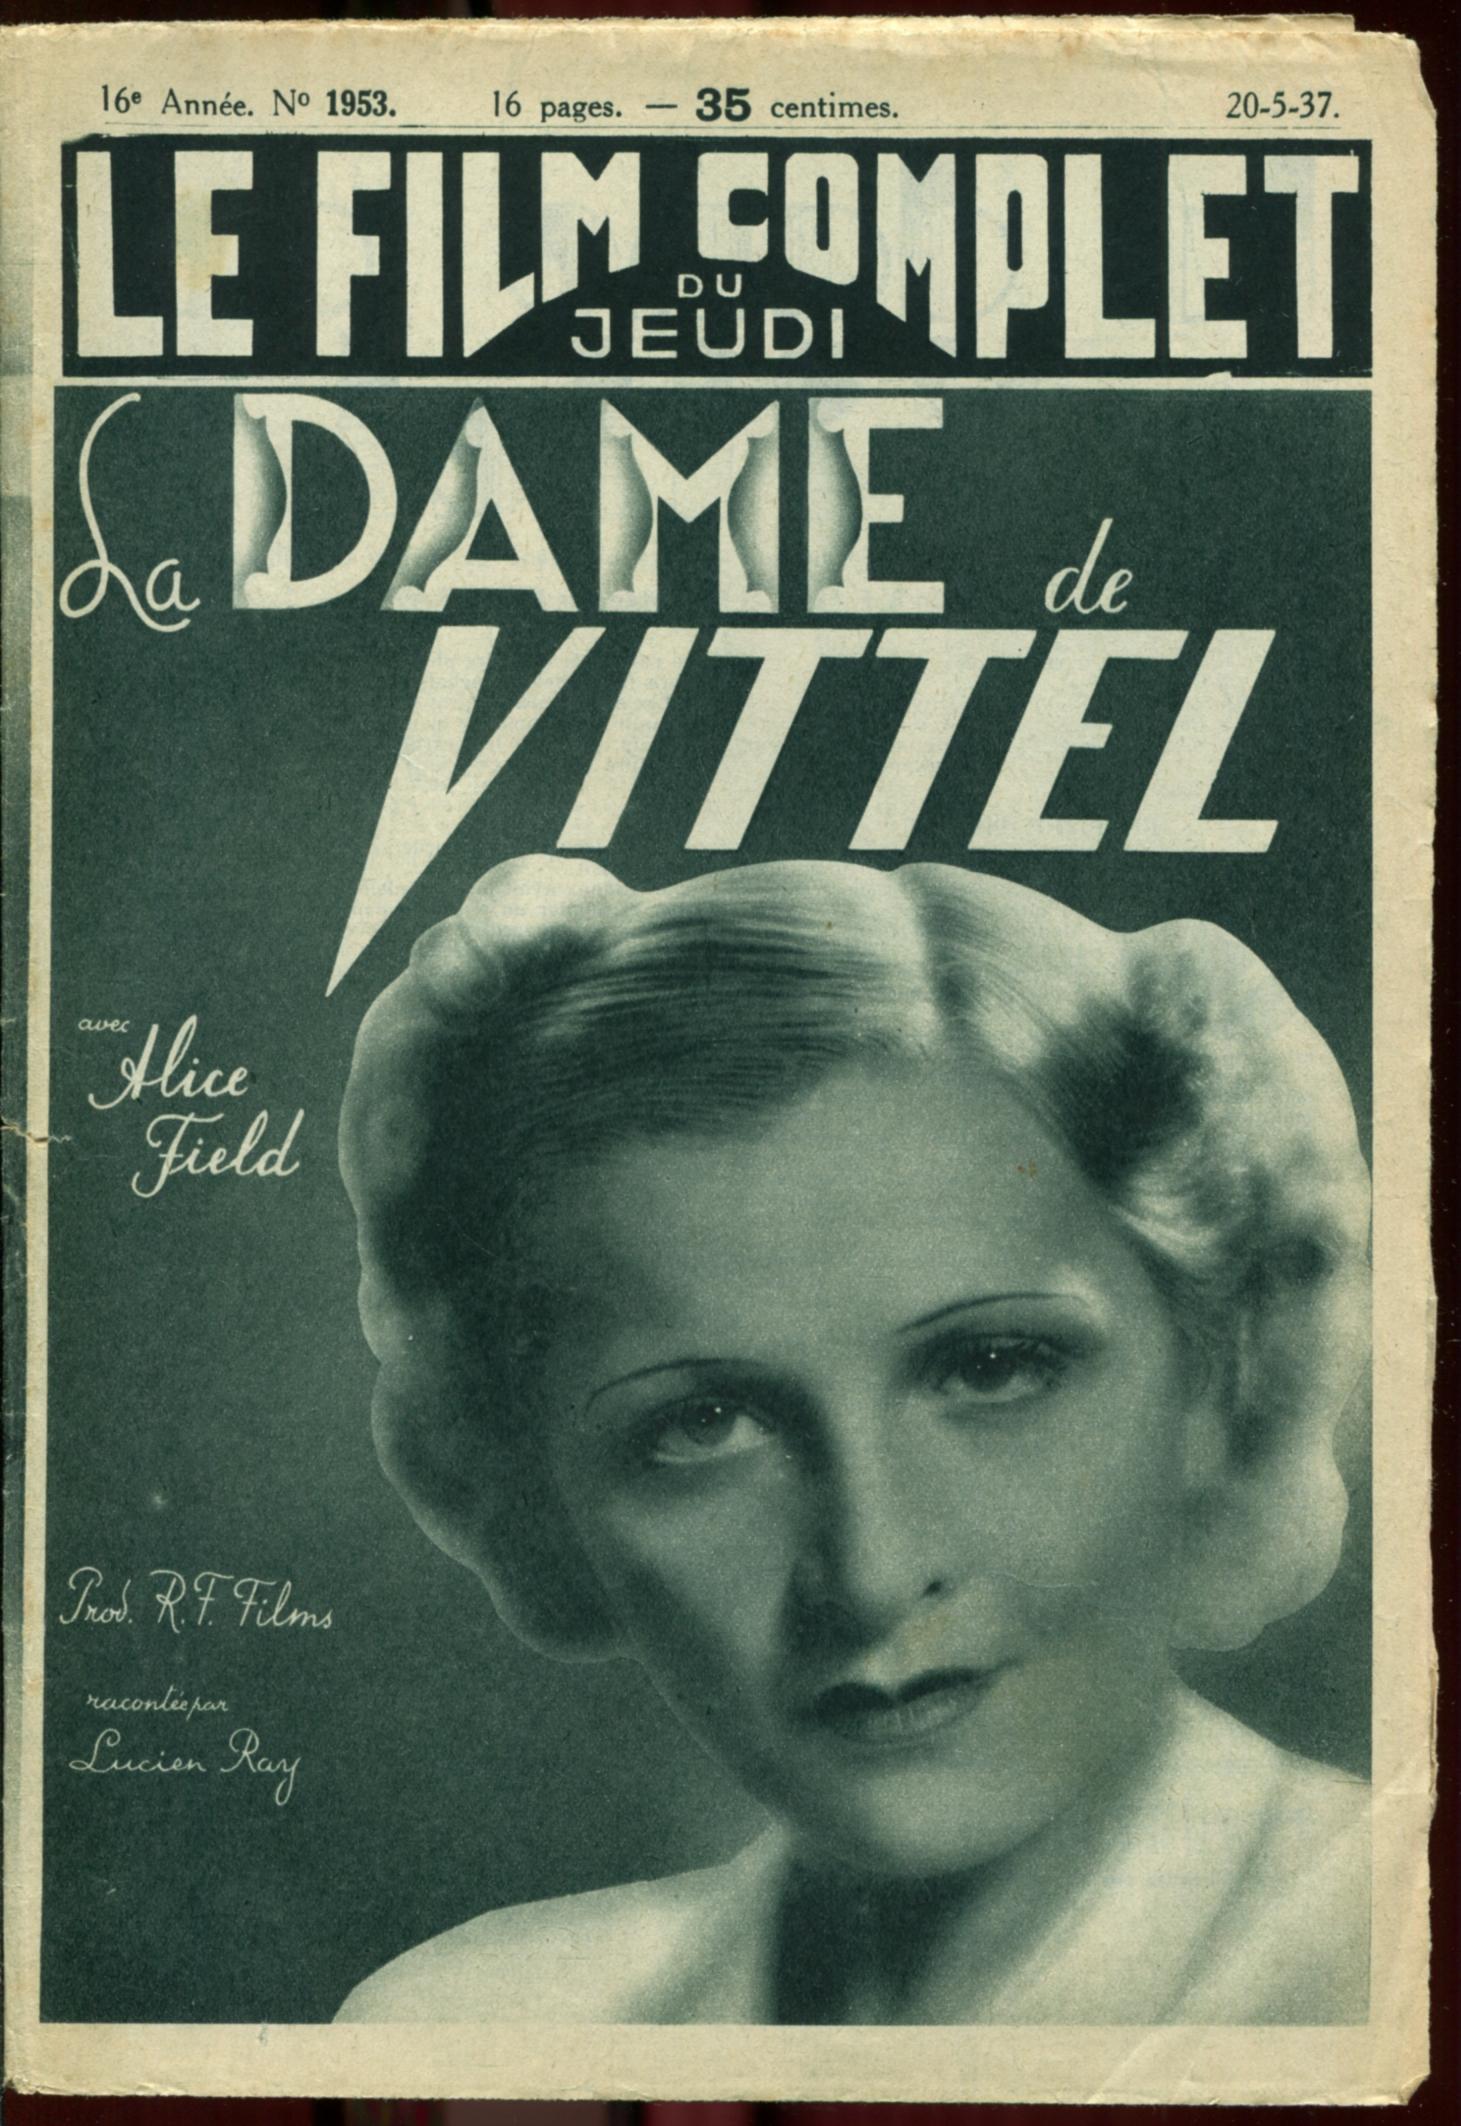 Alice Field in La dame de Vittel (1937)